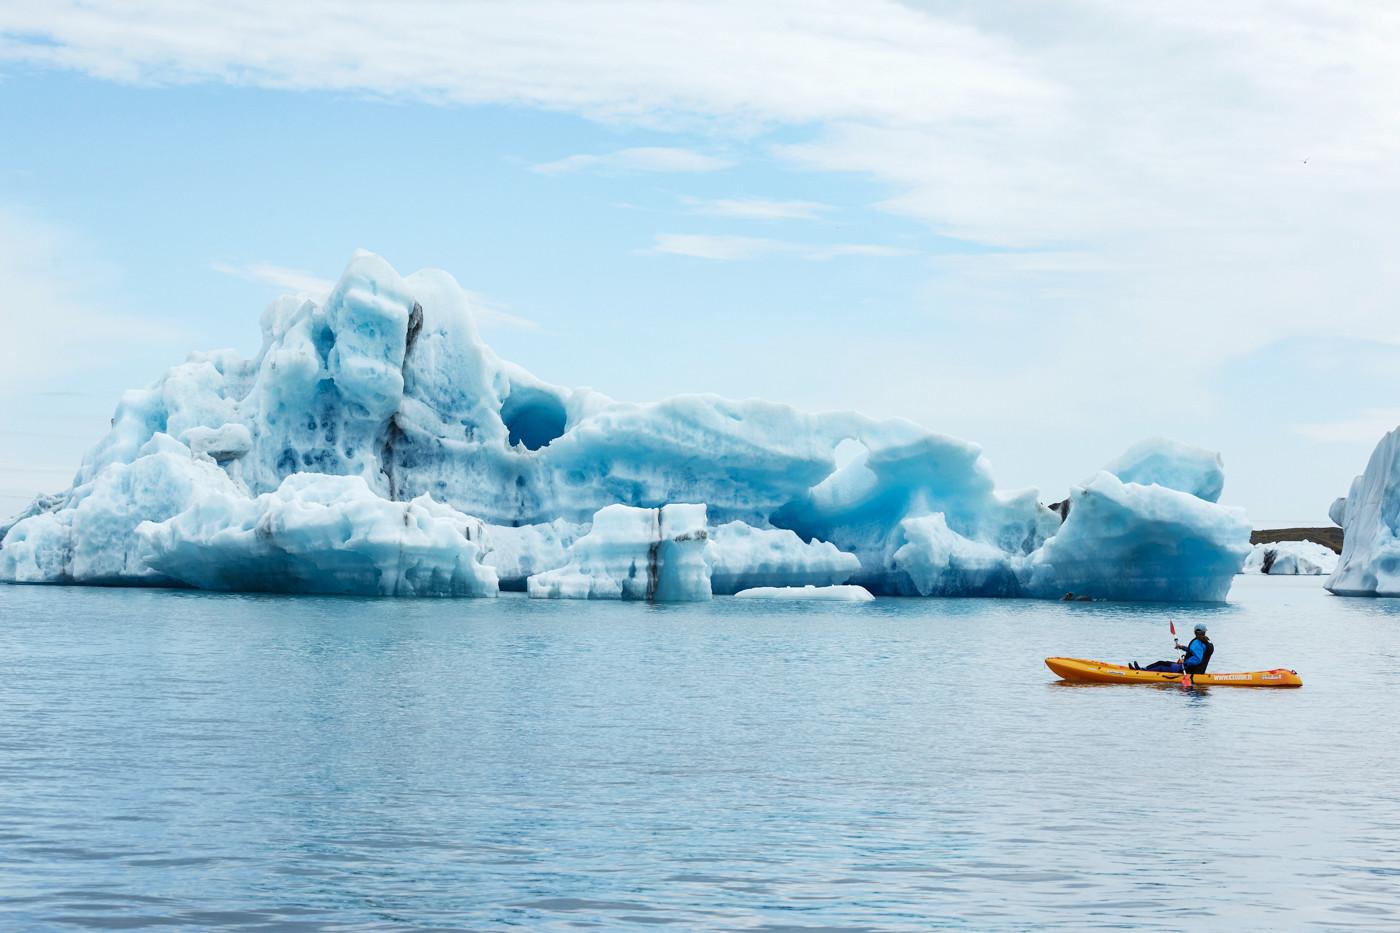 Bootstour auf dem Jökulsárlón Gletschersee, Eissee, Ice lake, Ice lagoon, Boat tour on the glacier lake, Iceland, famous, Island, Miles and Shores, Reiseblog, travelblog, glacier, glacier lake, gletscher, kajak, kajakfahren, kayaking, kayaks